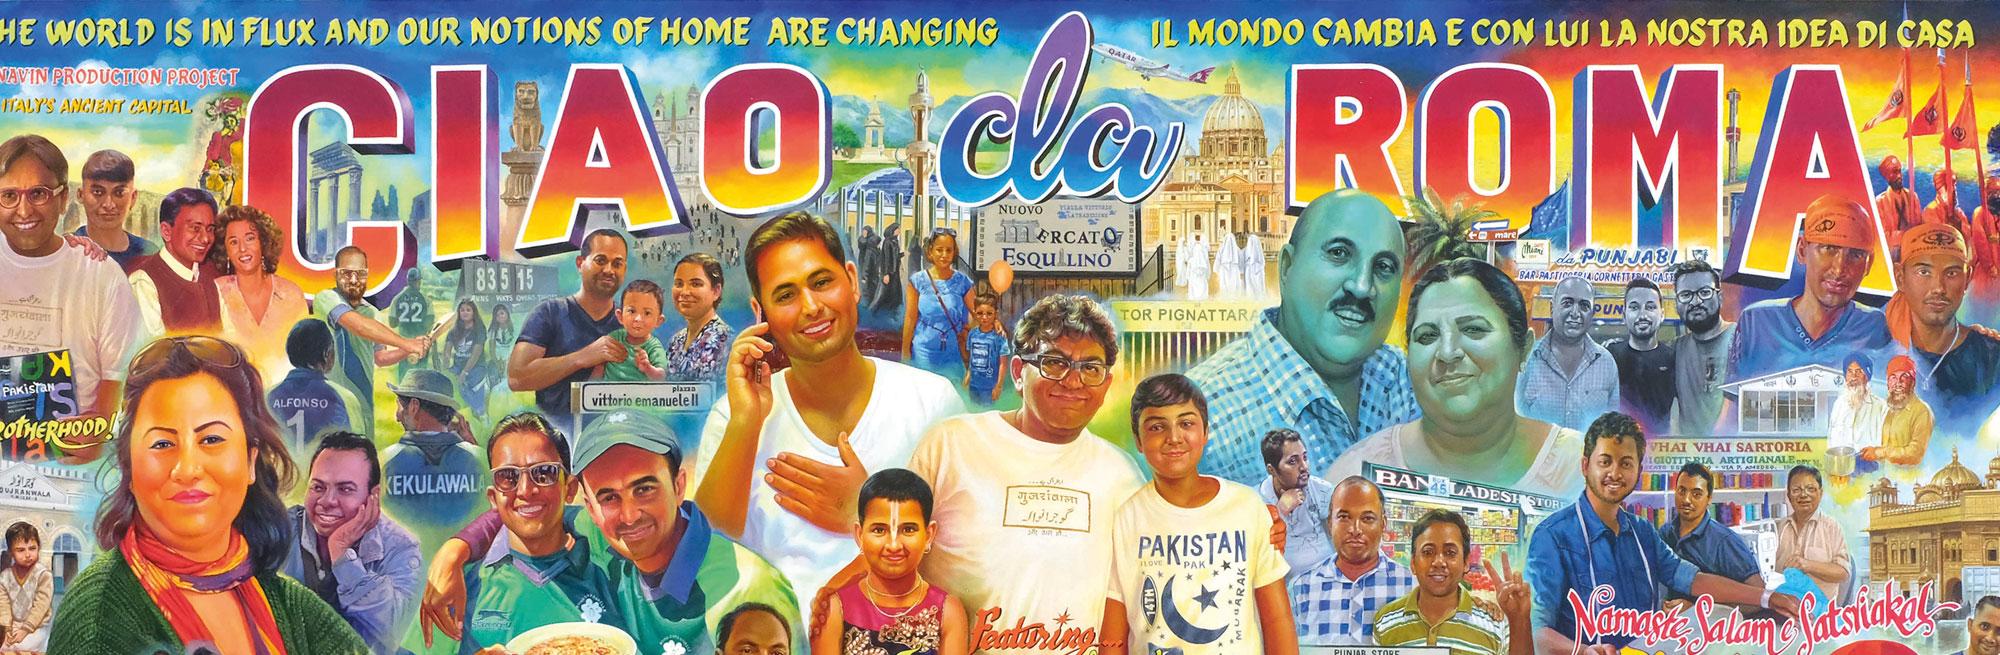 Roma rielaborata in stile Bollywood: il MAXXI acquisisce la grande tela di Navin Rawanchaikul